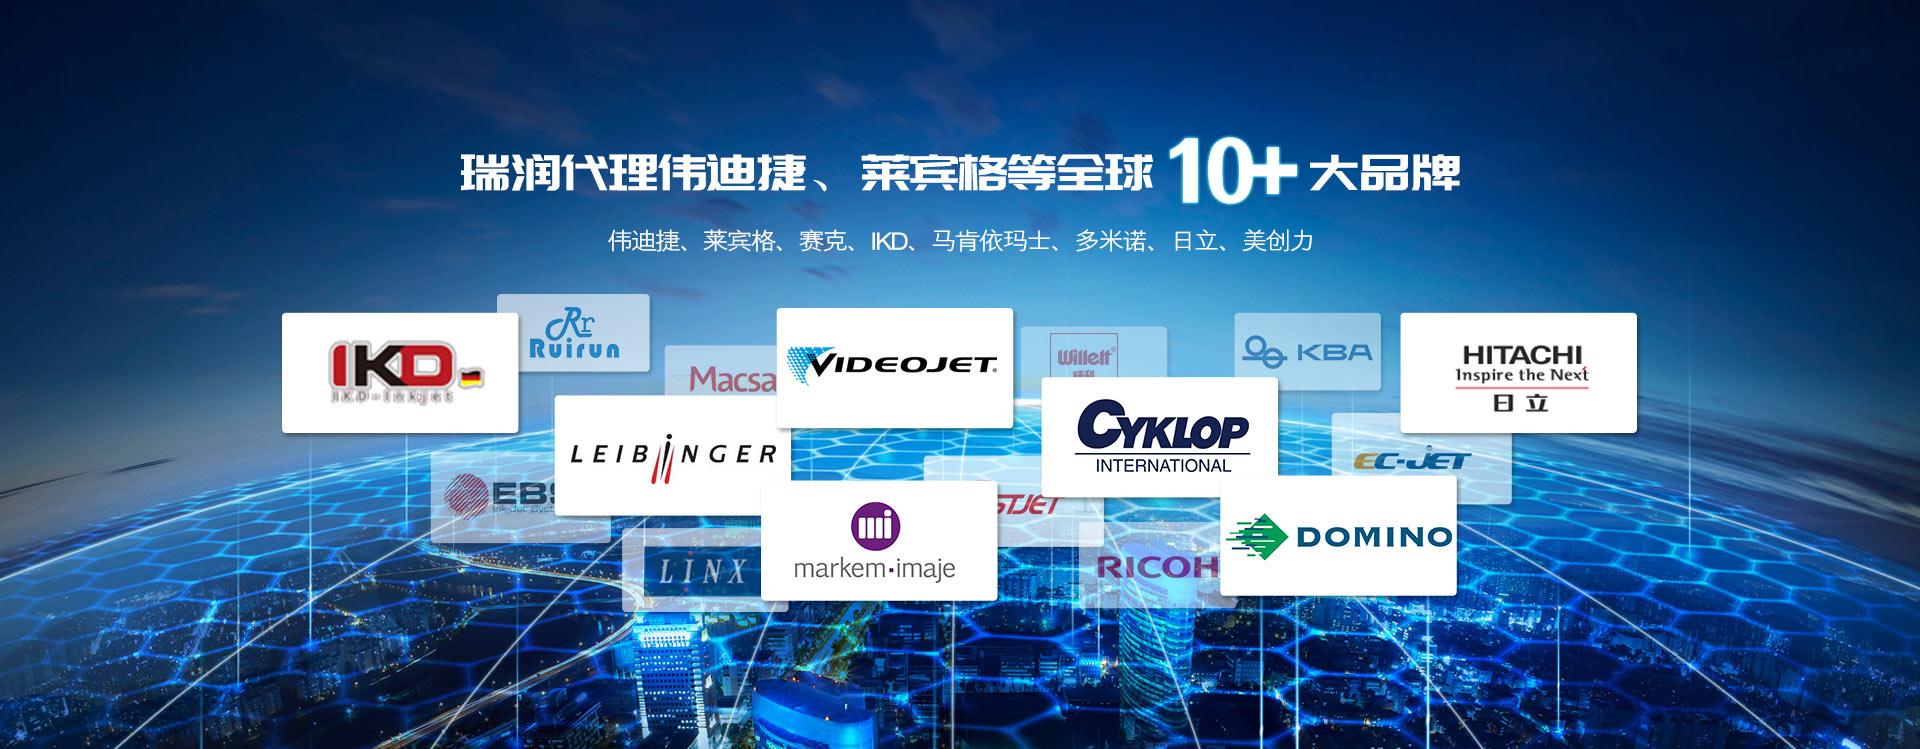 瑞润代理伟迪捷、莱宾格等全球10 +大品牌